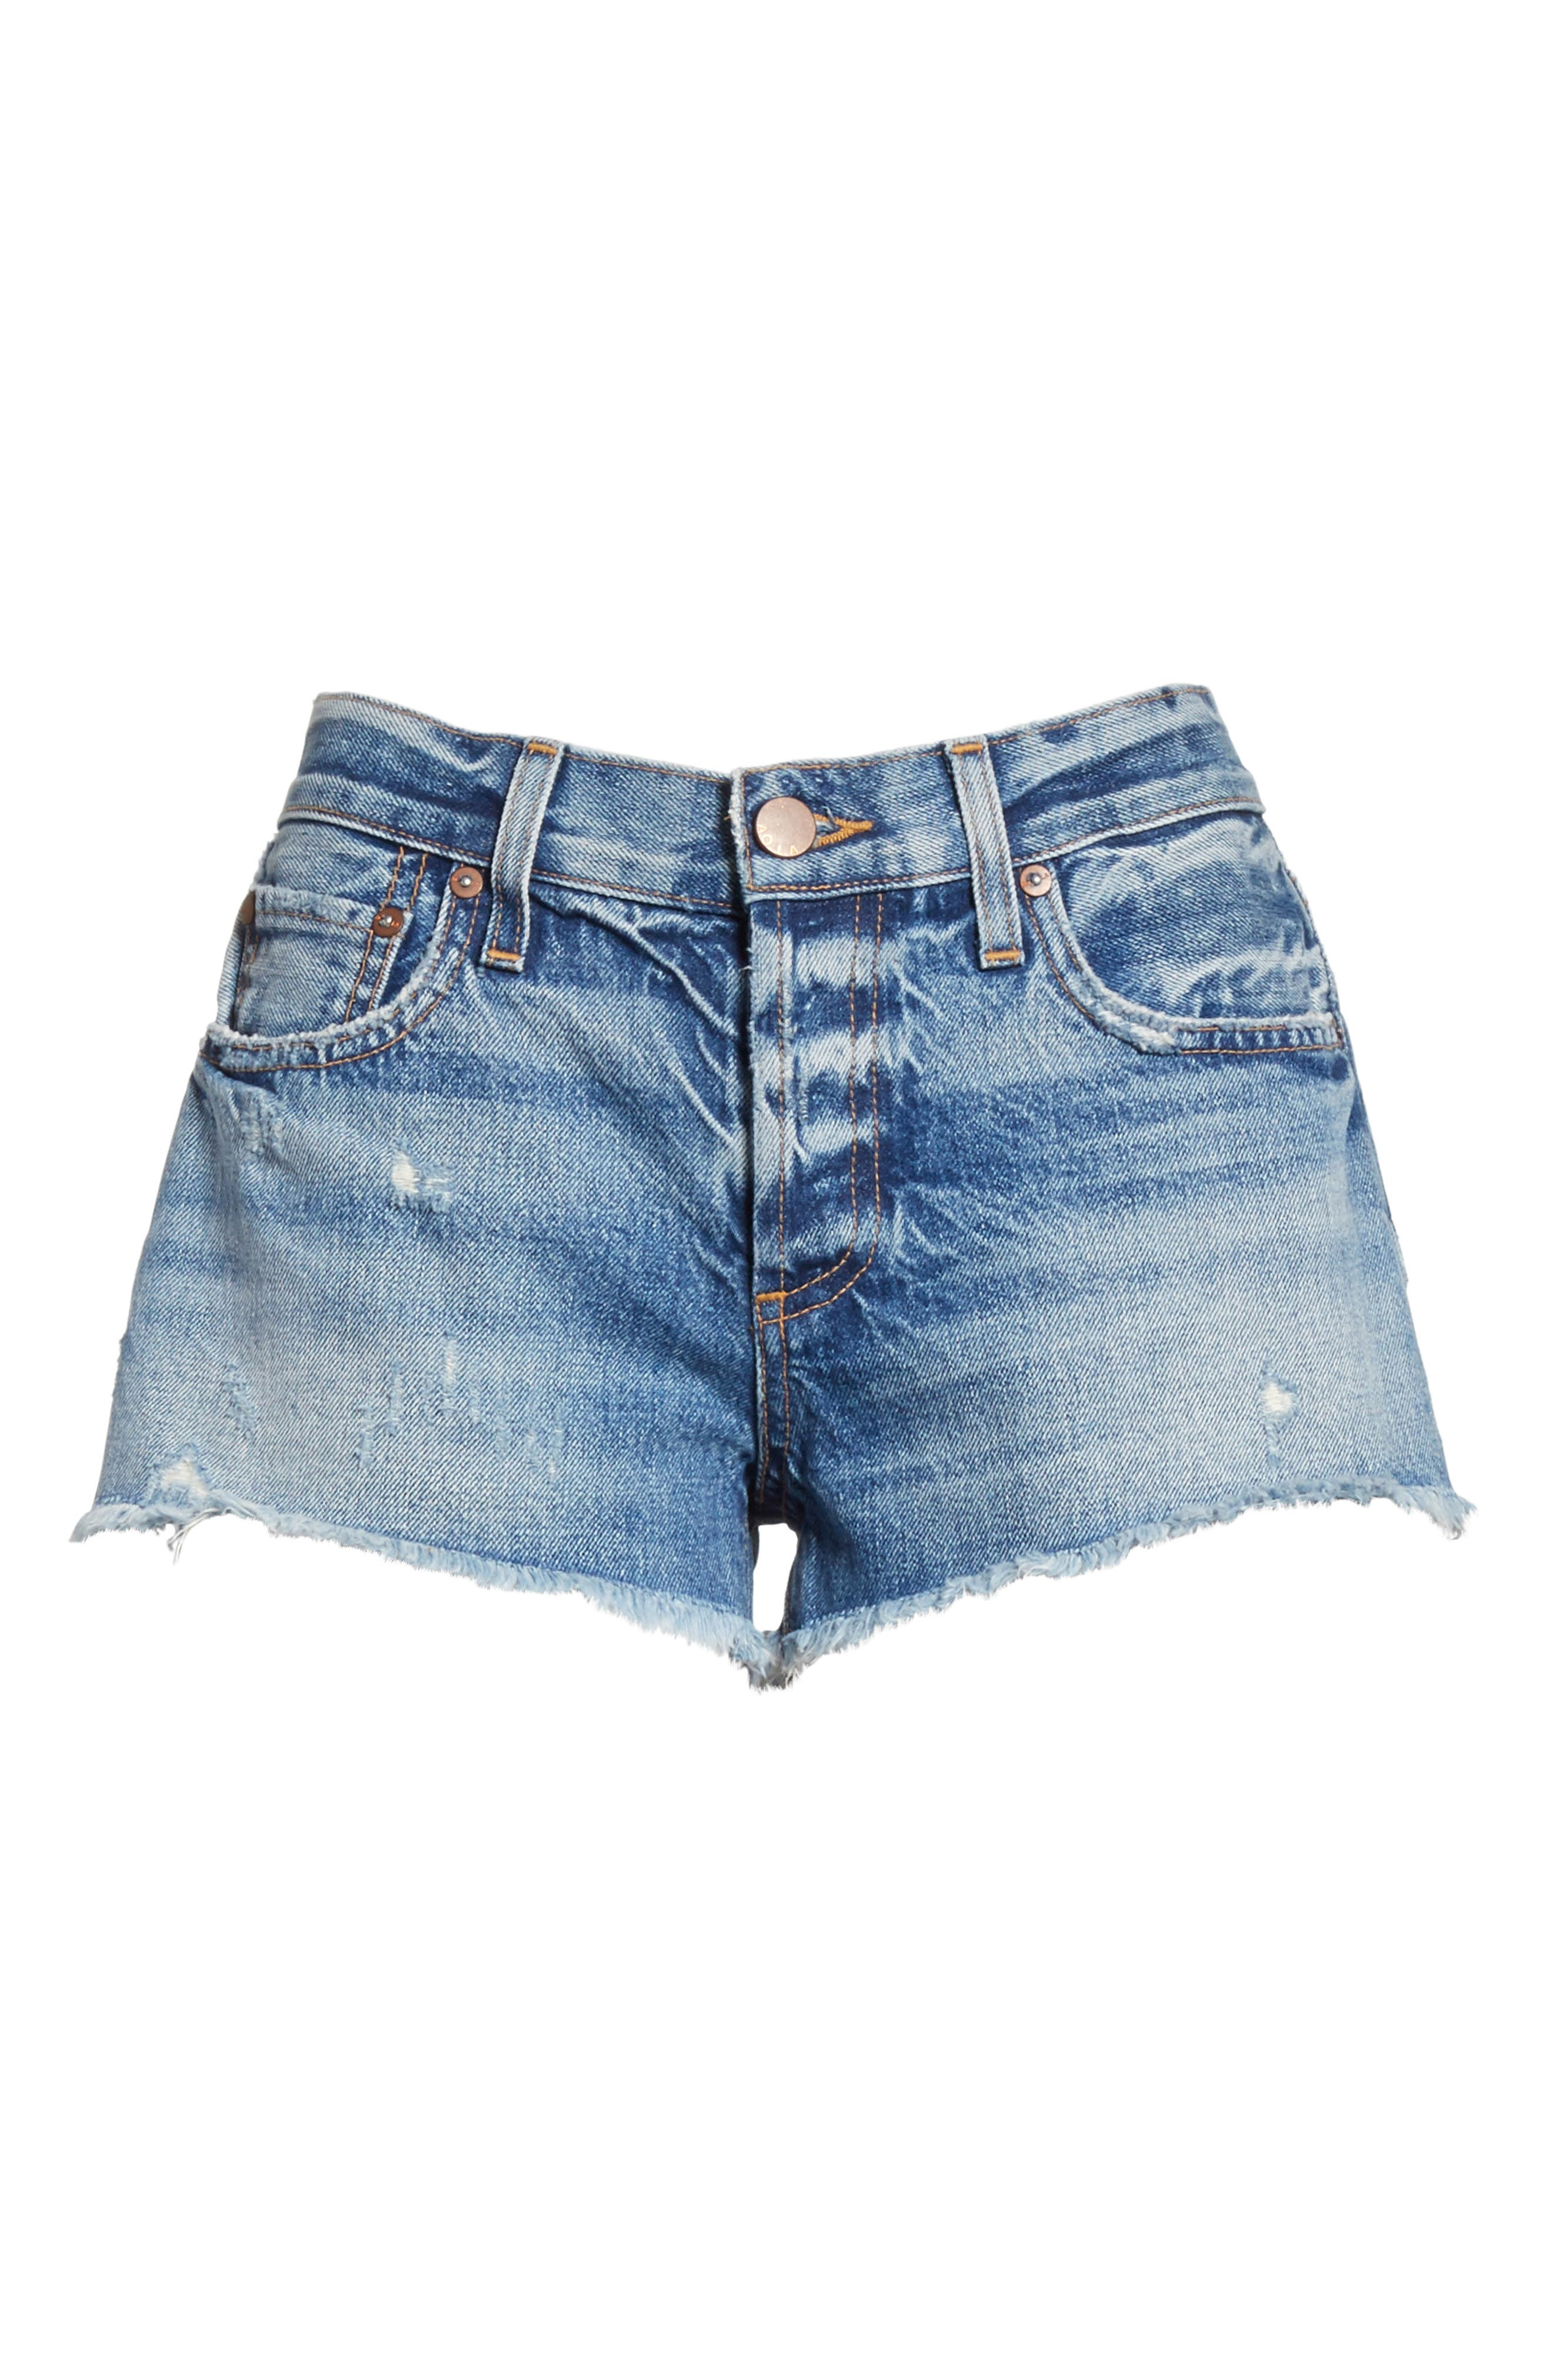 AO.LA Amazing Vintage Denim Shorts,                             Alternate thumbnail 6, color,                             Best Intentions